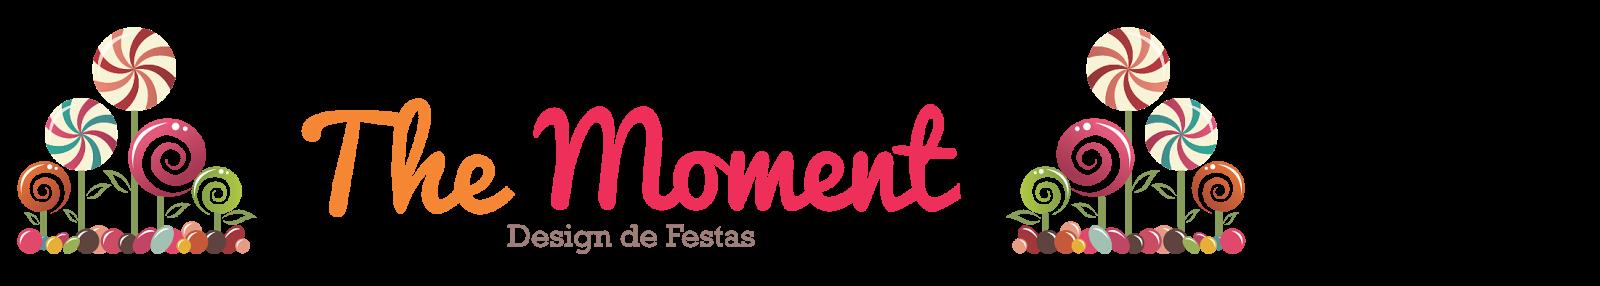 The Moment Festas e Locações